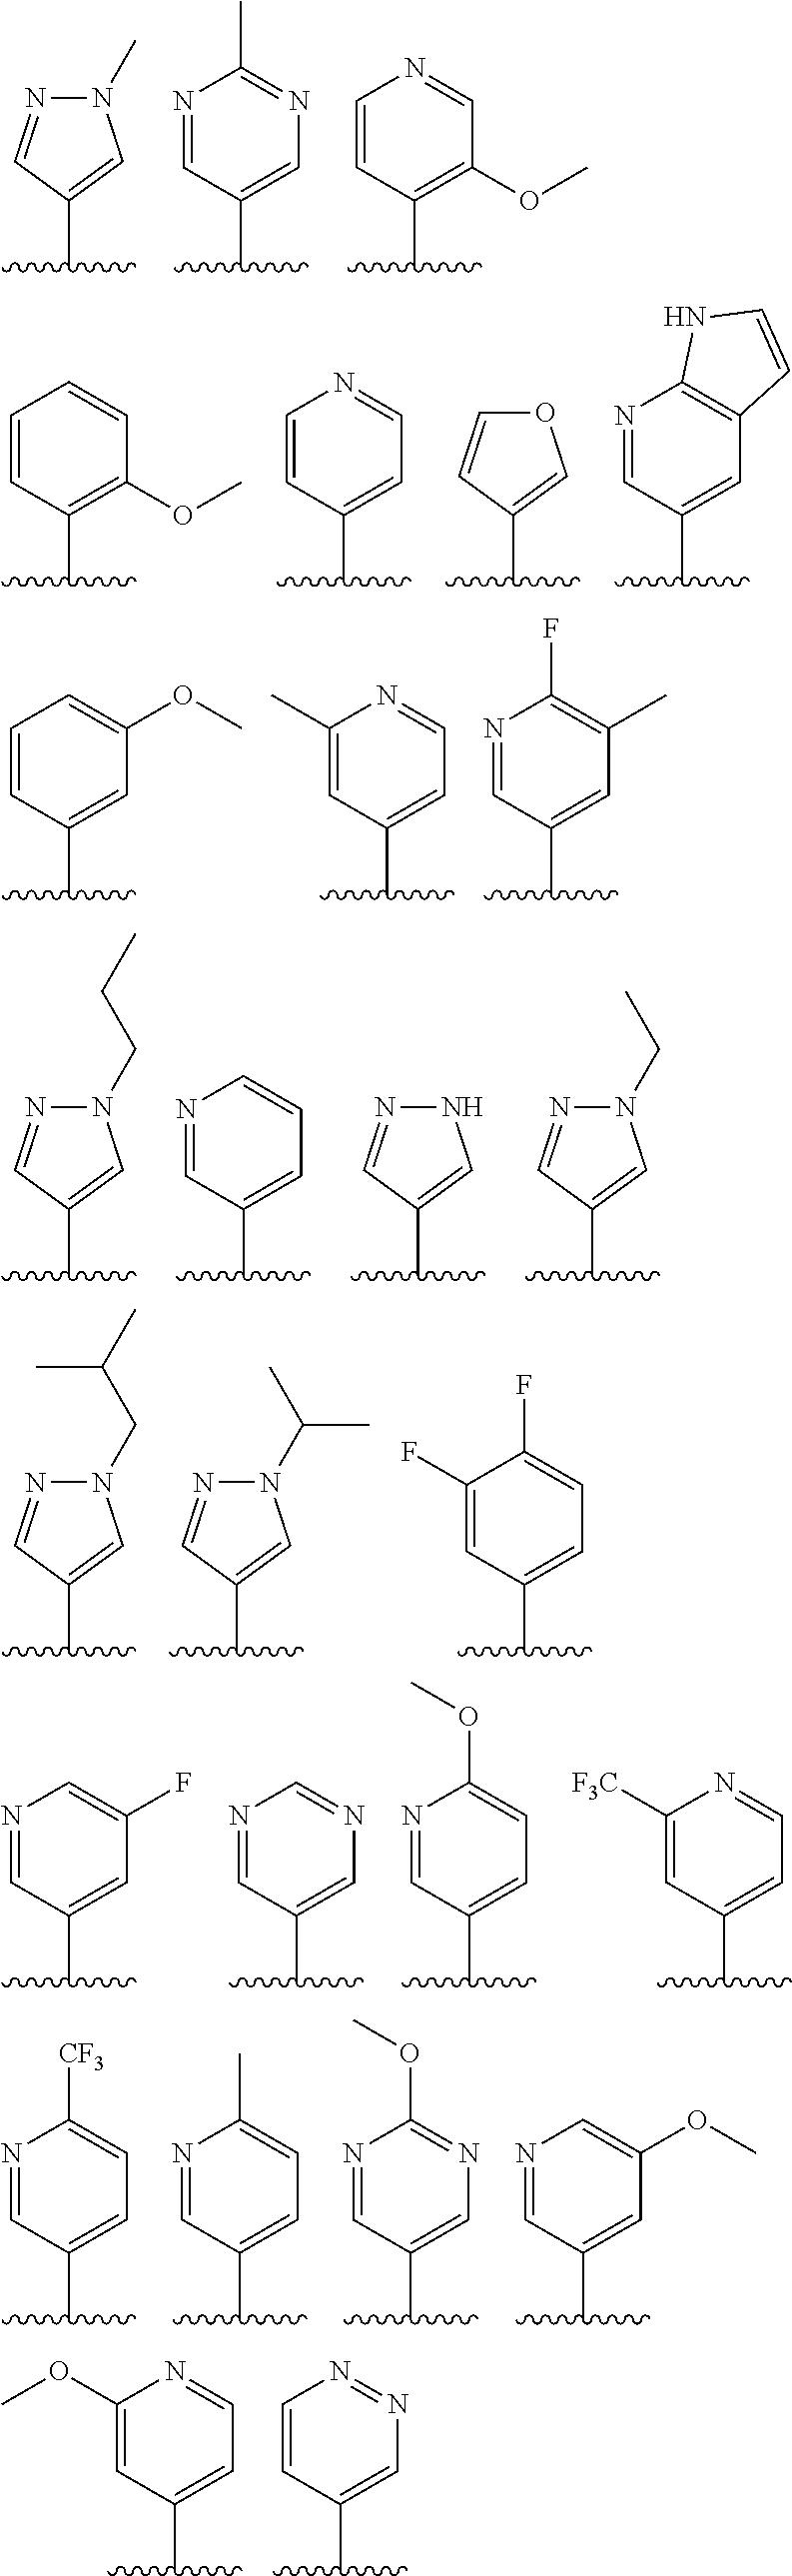 Figure US08785470-20140722-C00181